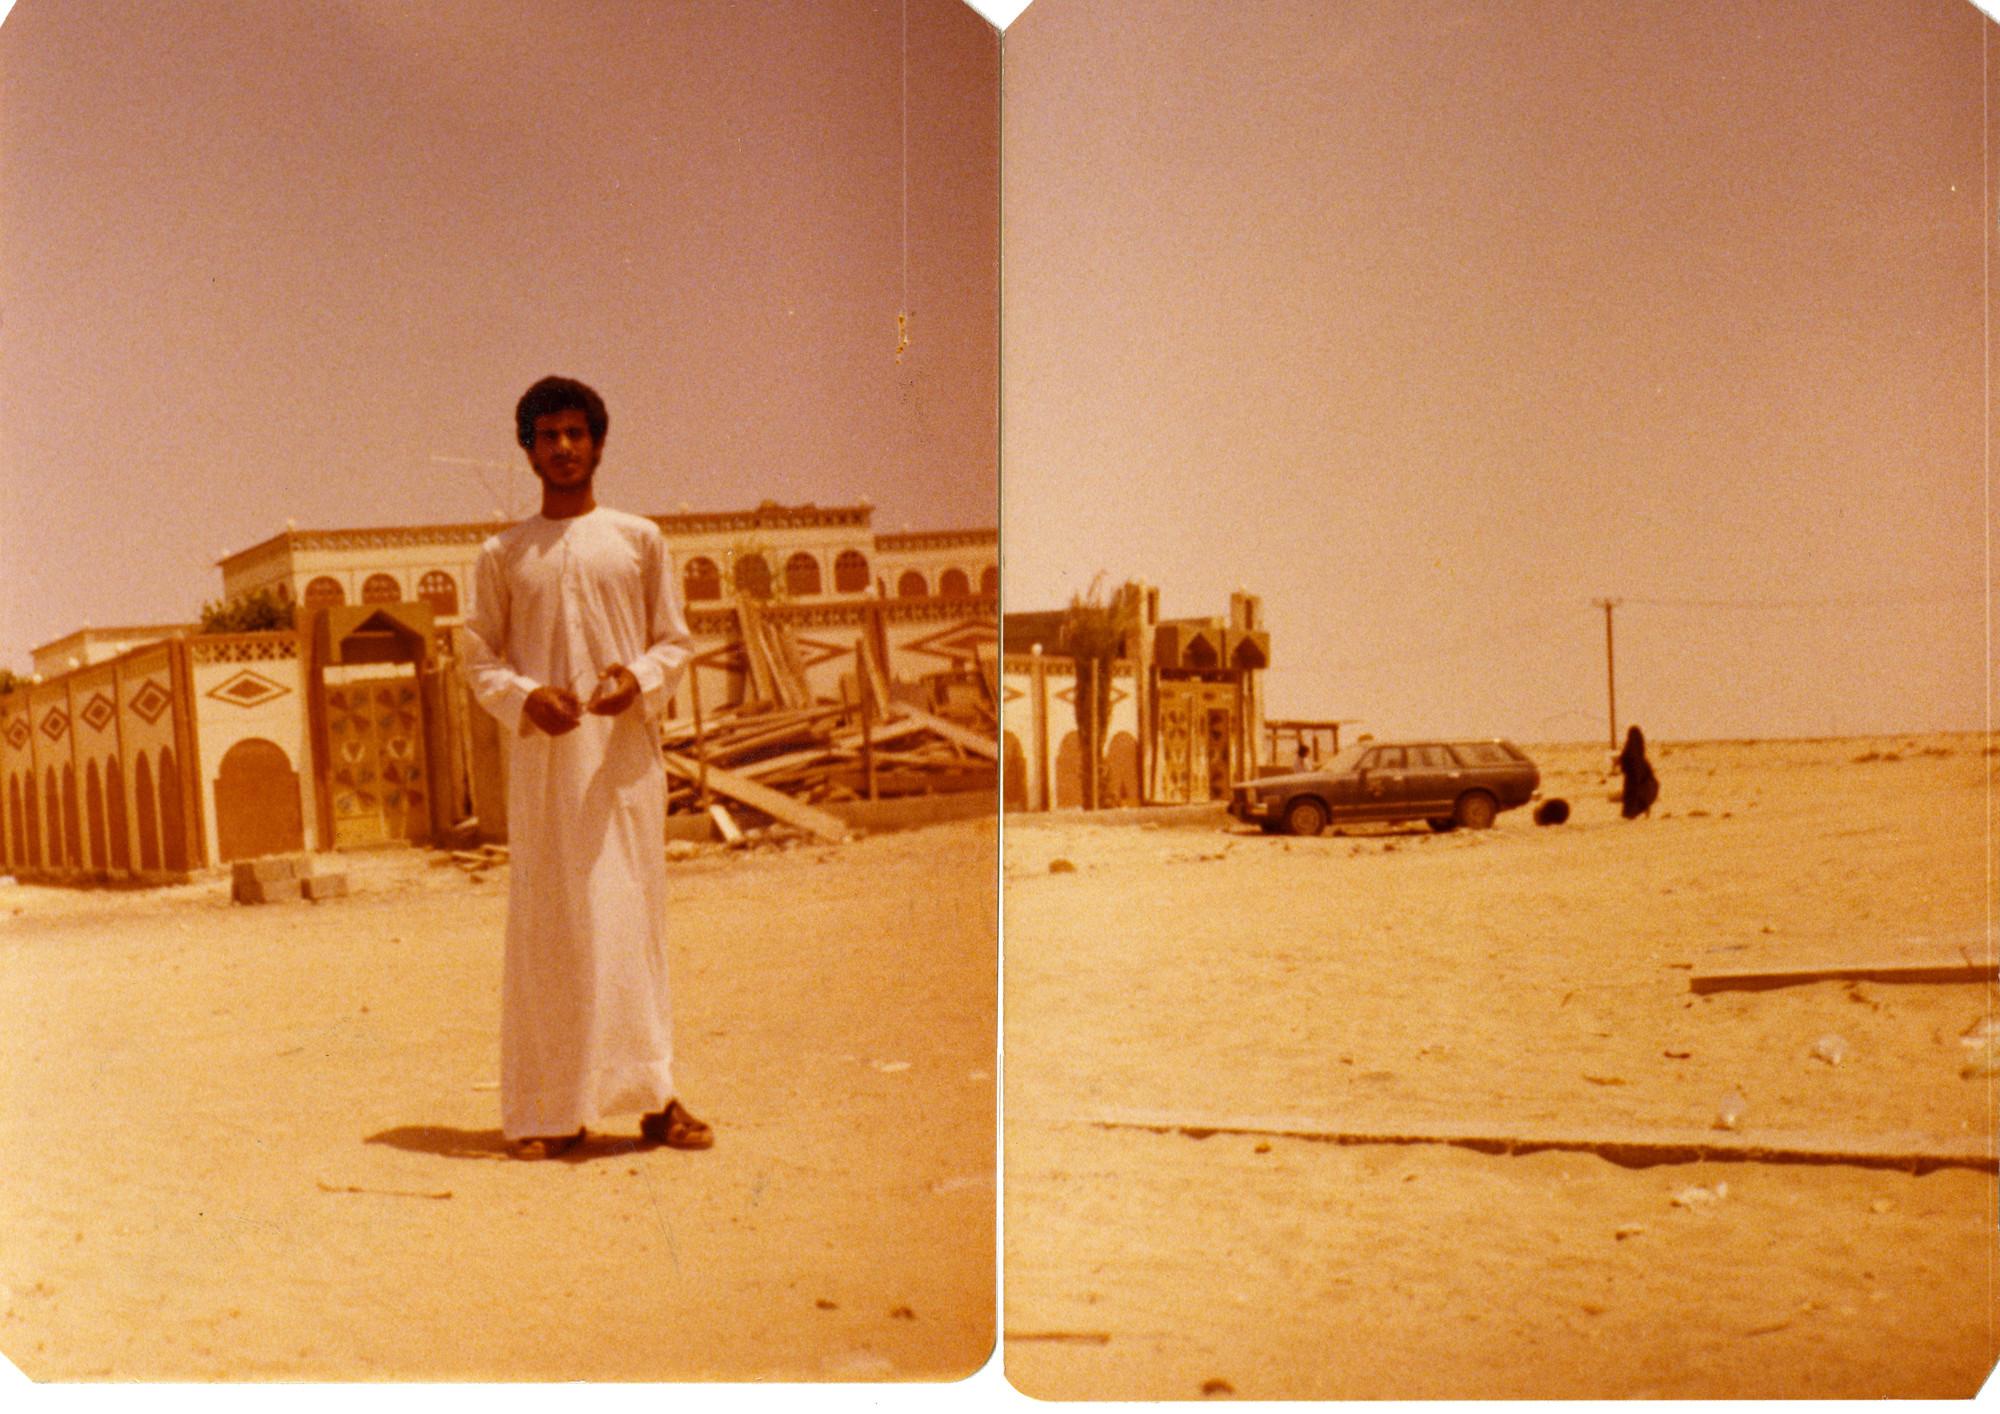 """Bienal de Venecia 2014: EAU desentierra """"Estructuras de la memoria"""", Casa Nacional - El amigo de mi padre Ahmed Abdulla Al Jassasi, Al Shahama, 1980; Cortesía de Houreya Naser Musabah Khamis Al Kalbani"""